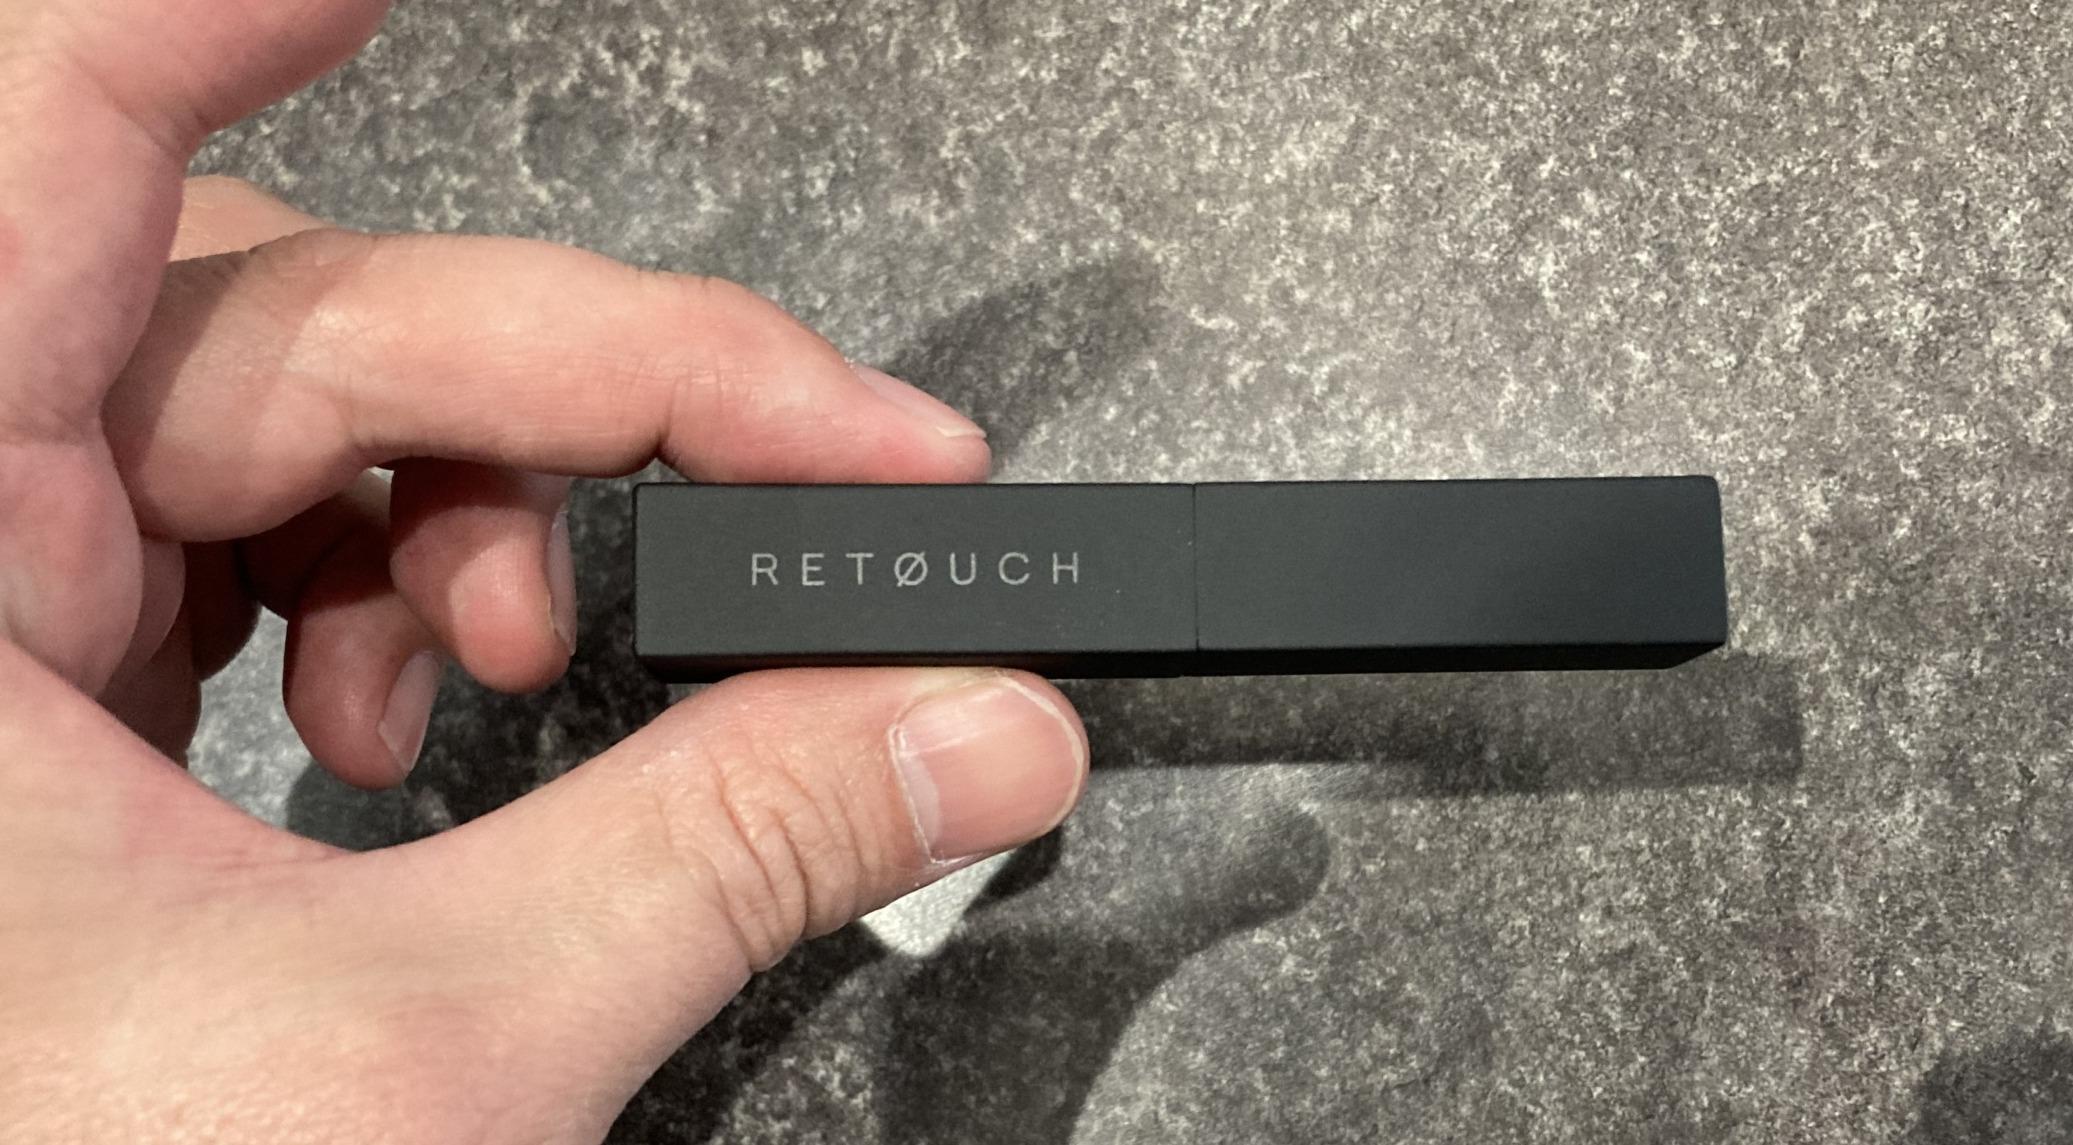 RETOUCH(レタッチ)リップクリームのレビュー|今話題のメンズ用リップ